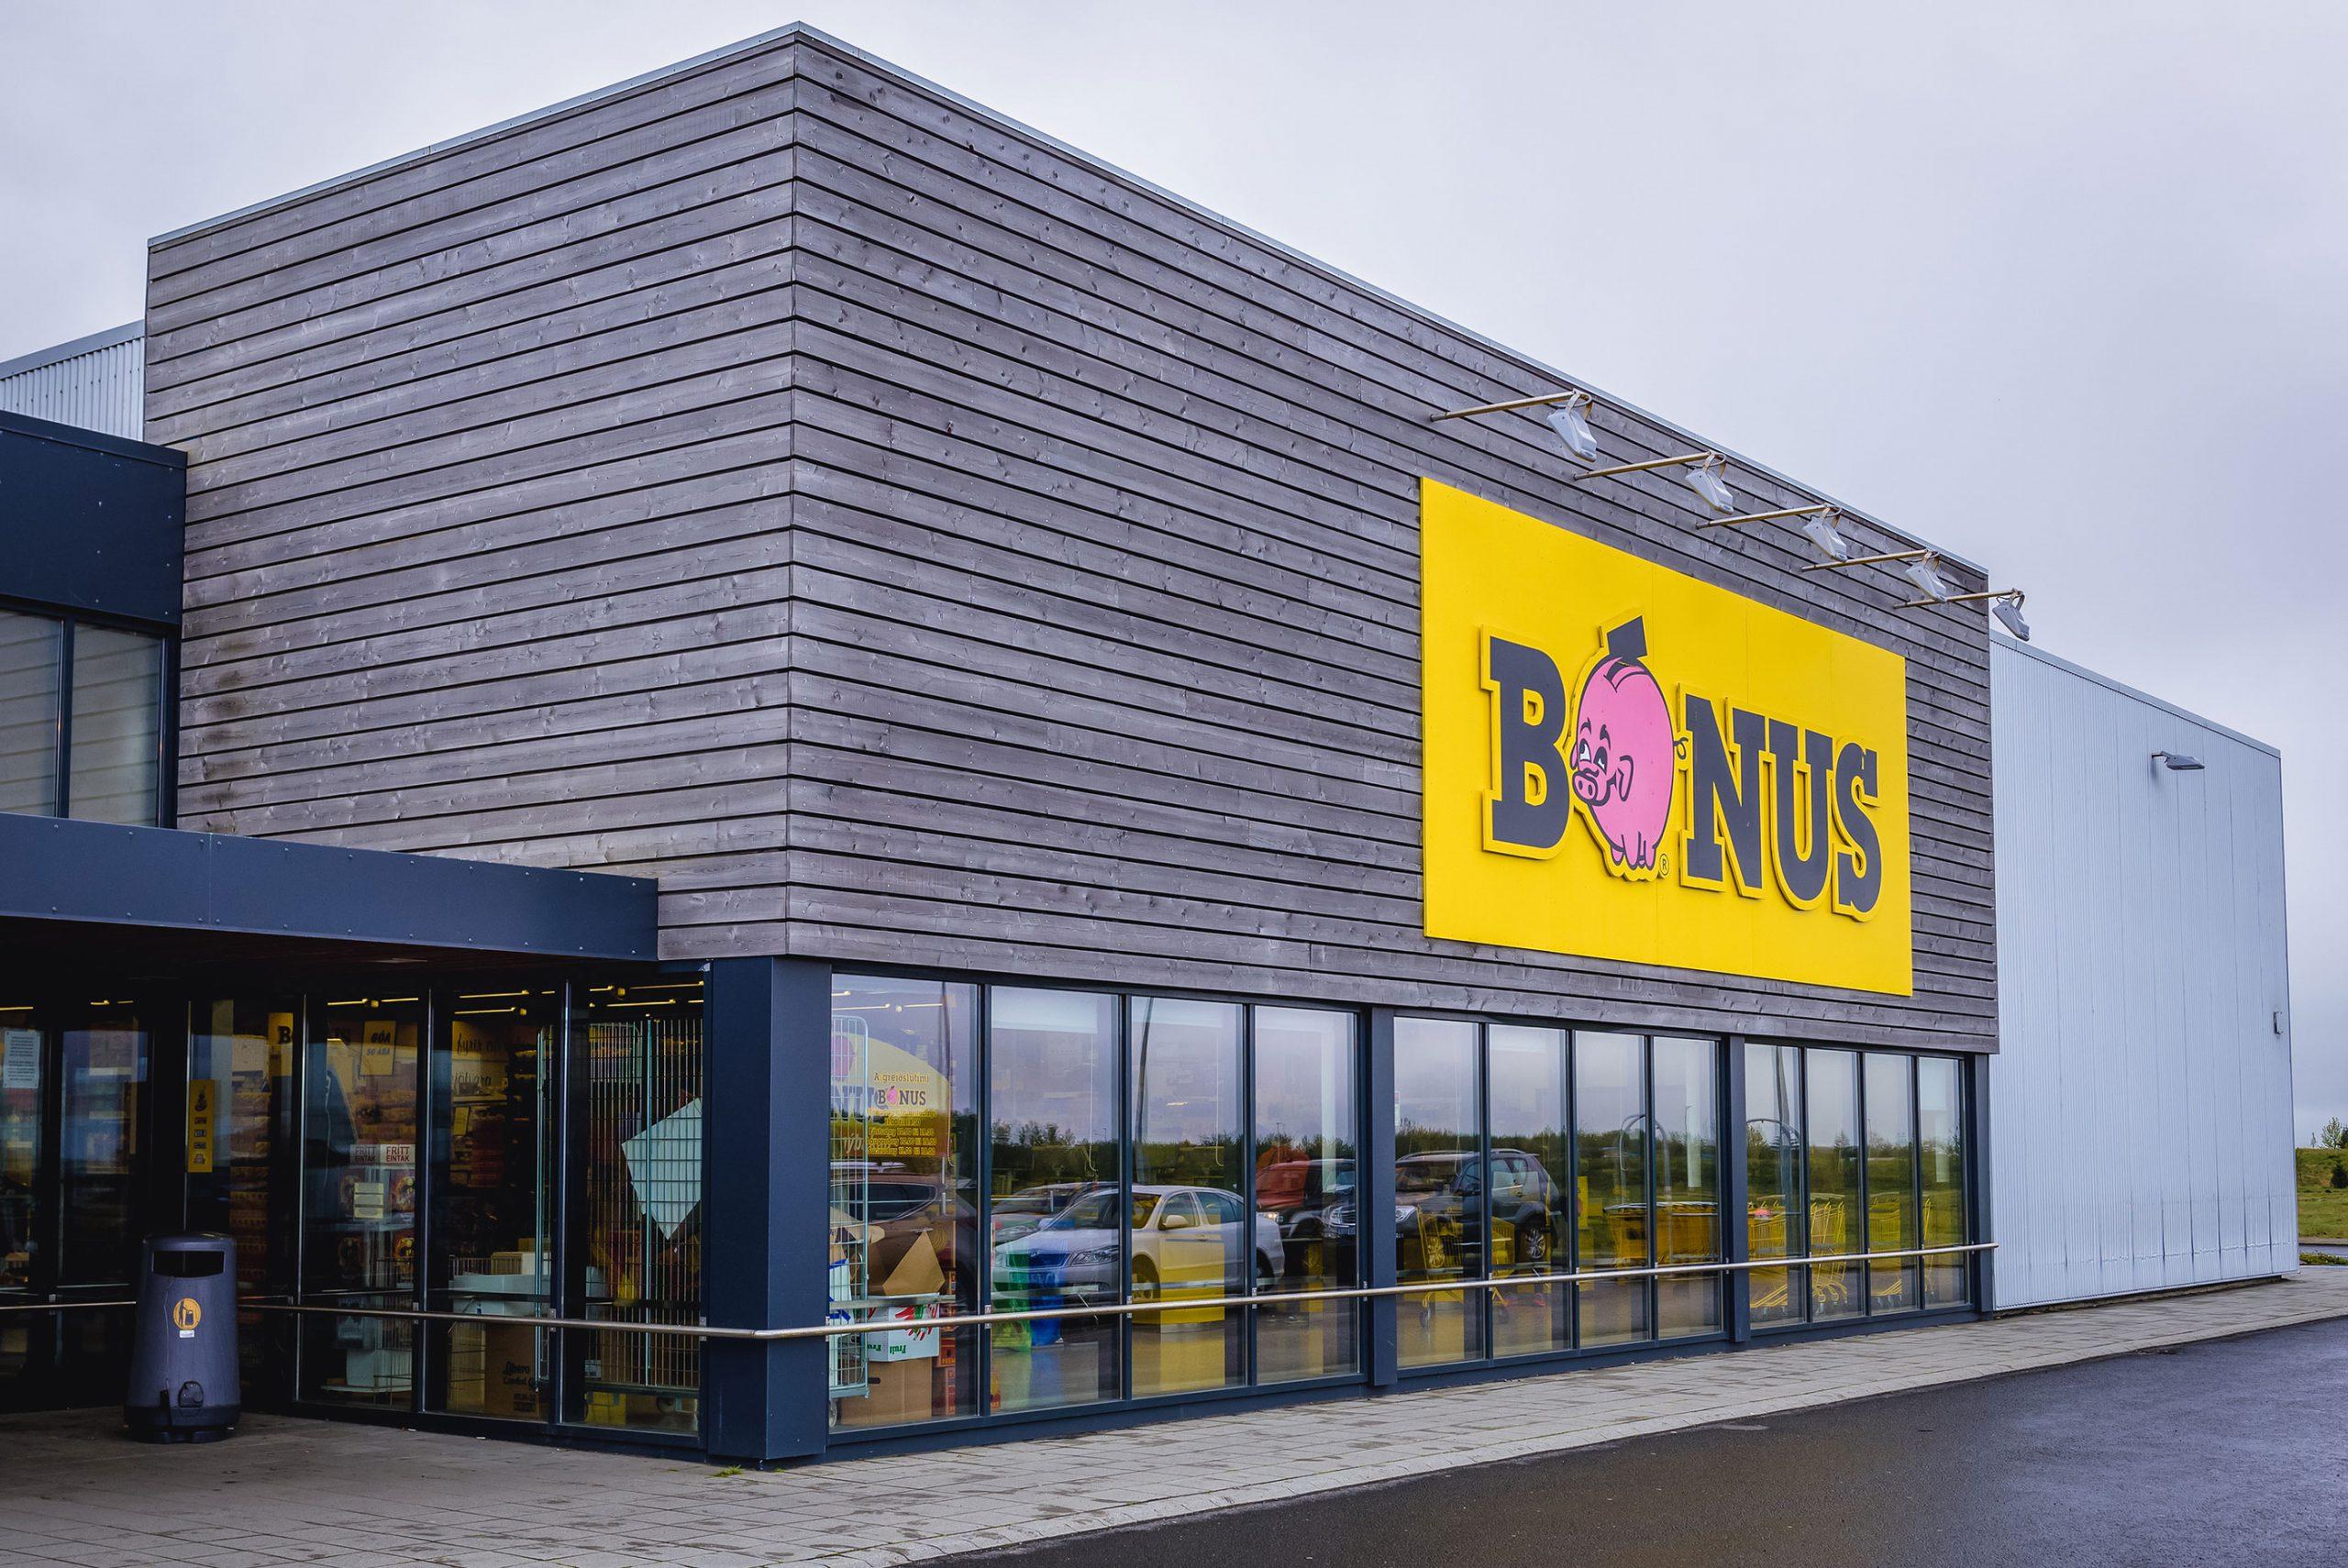 Bonus butikk Reykjavik Island hvor kjope lammekjott lammesadel